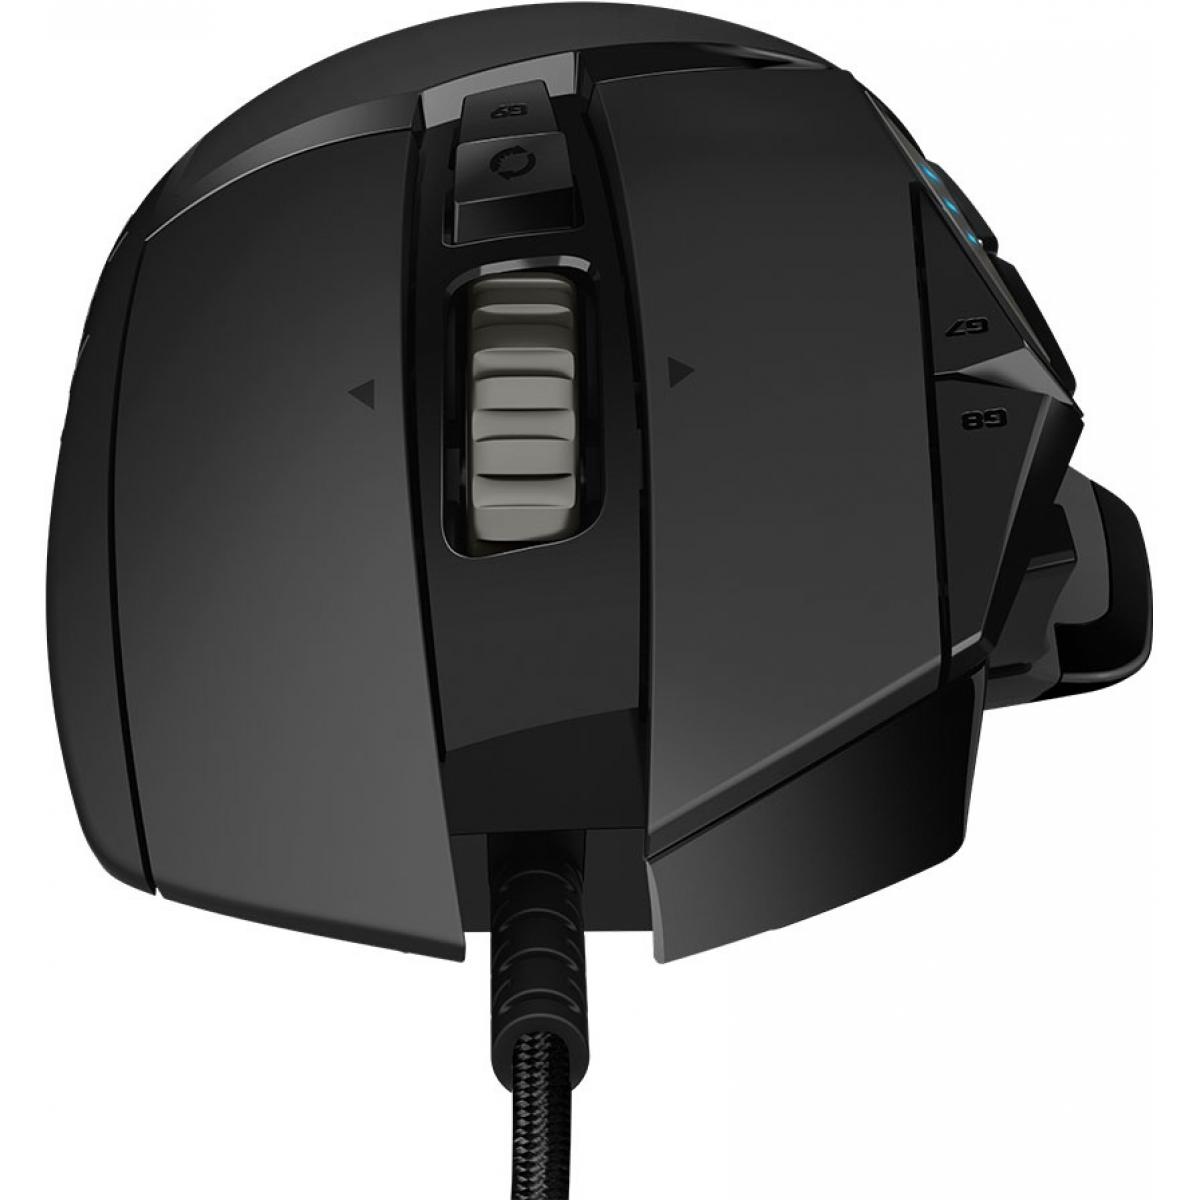 Mouse Gamer Logitech Hero G502 RGB 11 Botões 16000 DPI Ajuste de Peso Preto